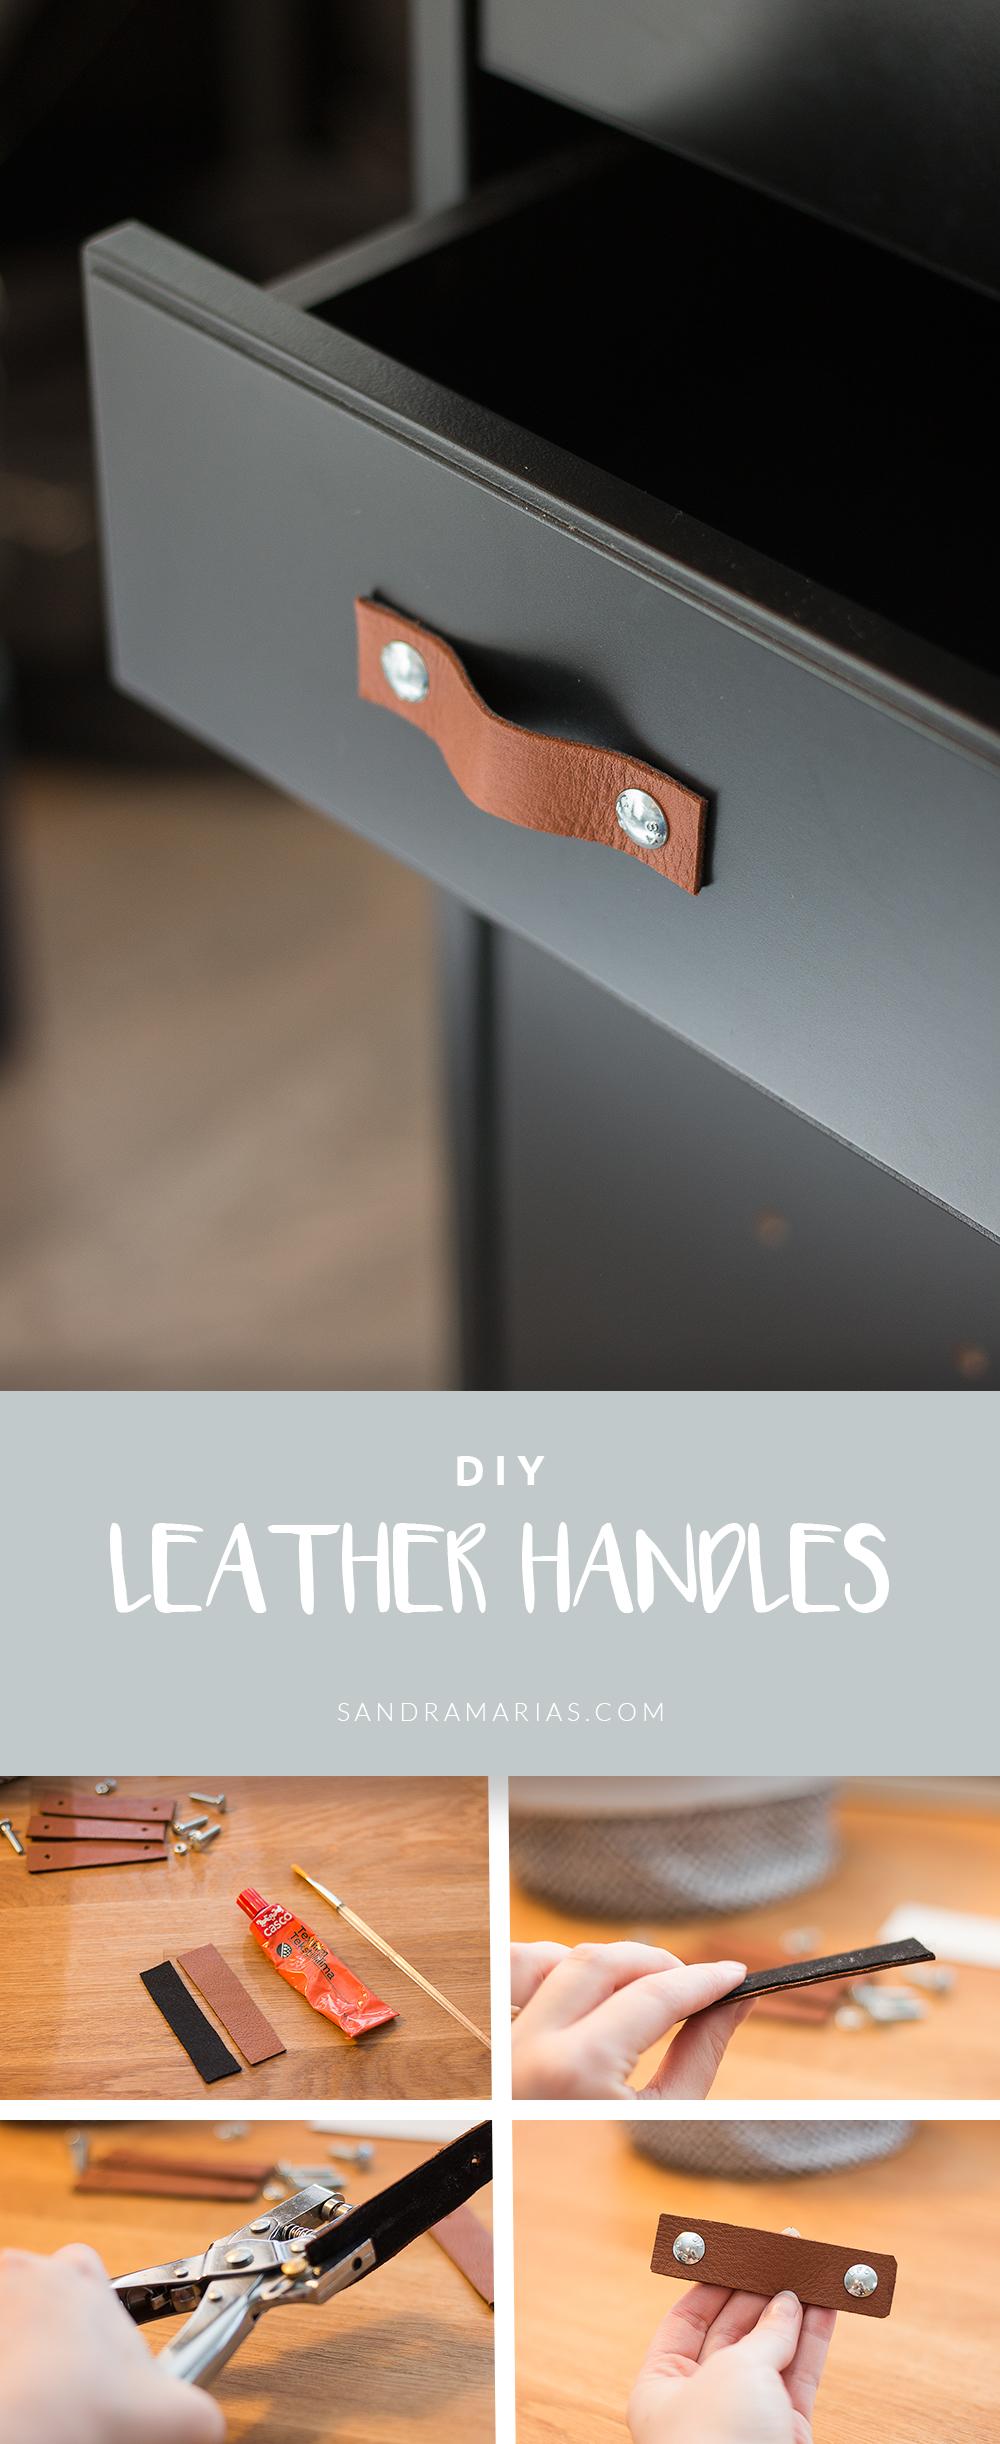 IKEA HACK: snyggare look med läderhandtag | Sandramarias.com